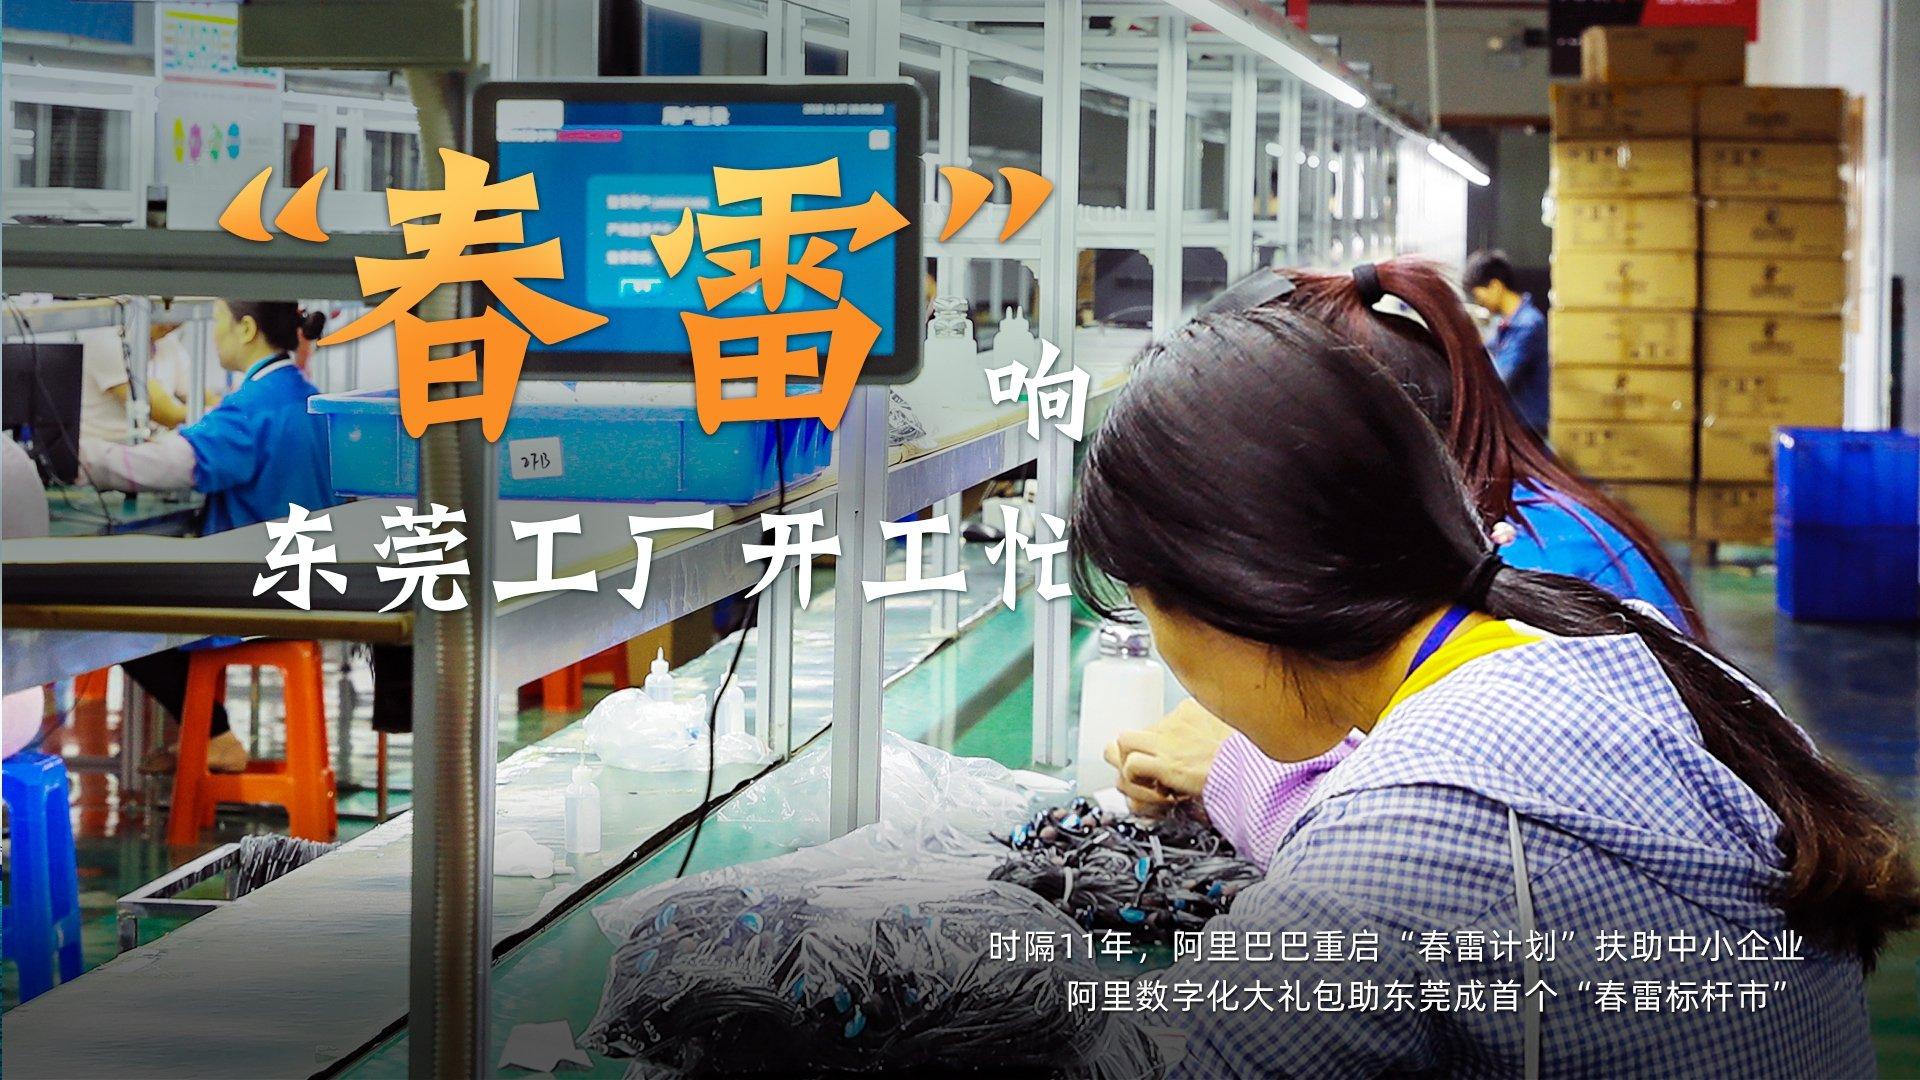 """东莞阿里牵手""""春雷计划"""",东莞外贸工厂上天猫卖2500万件夏装"""